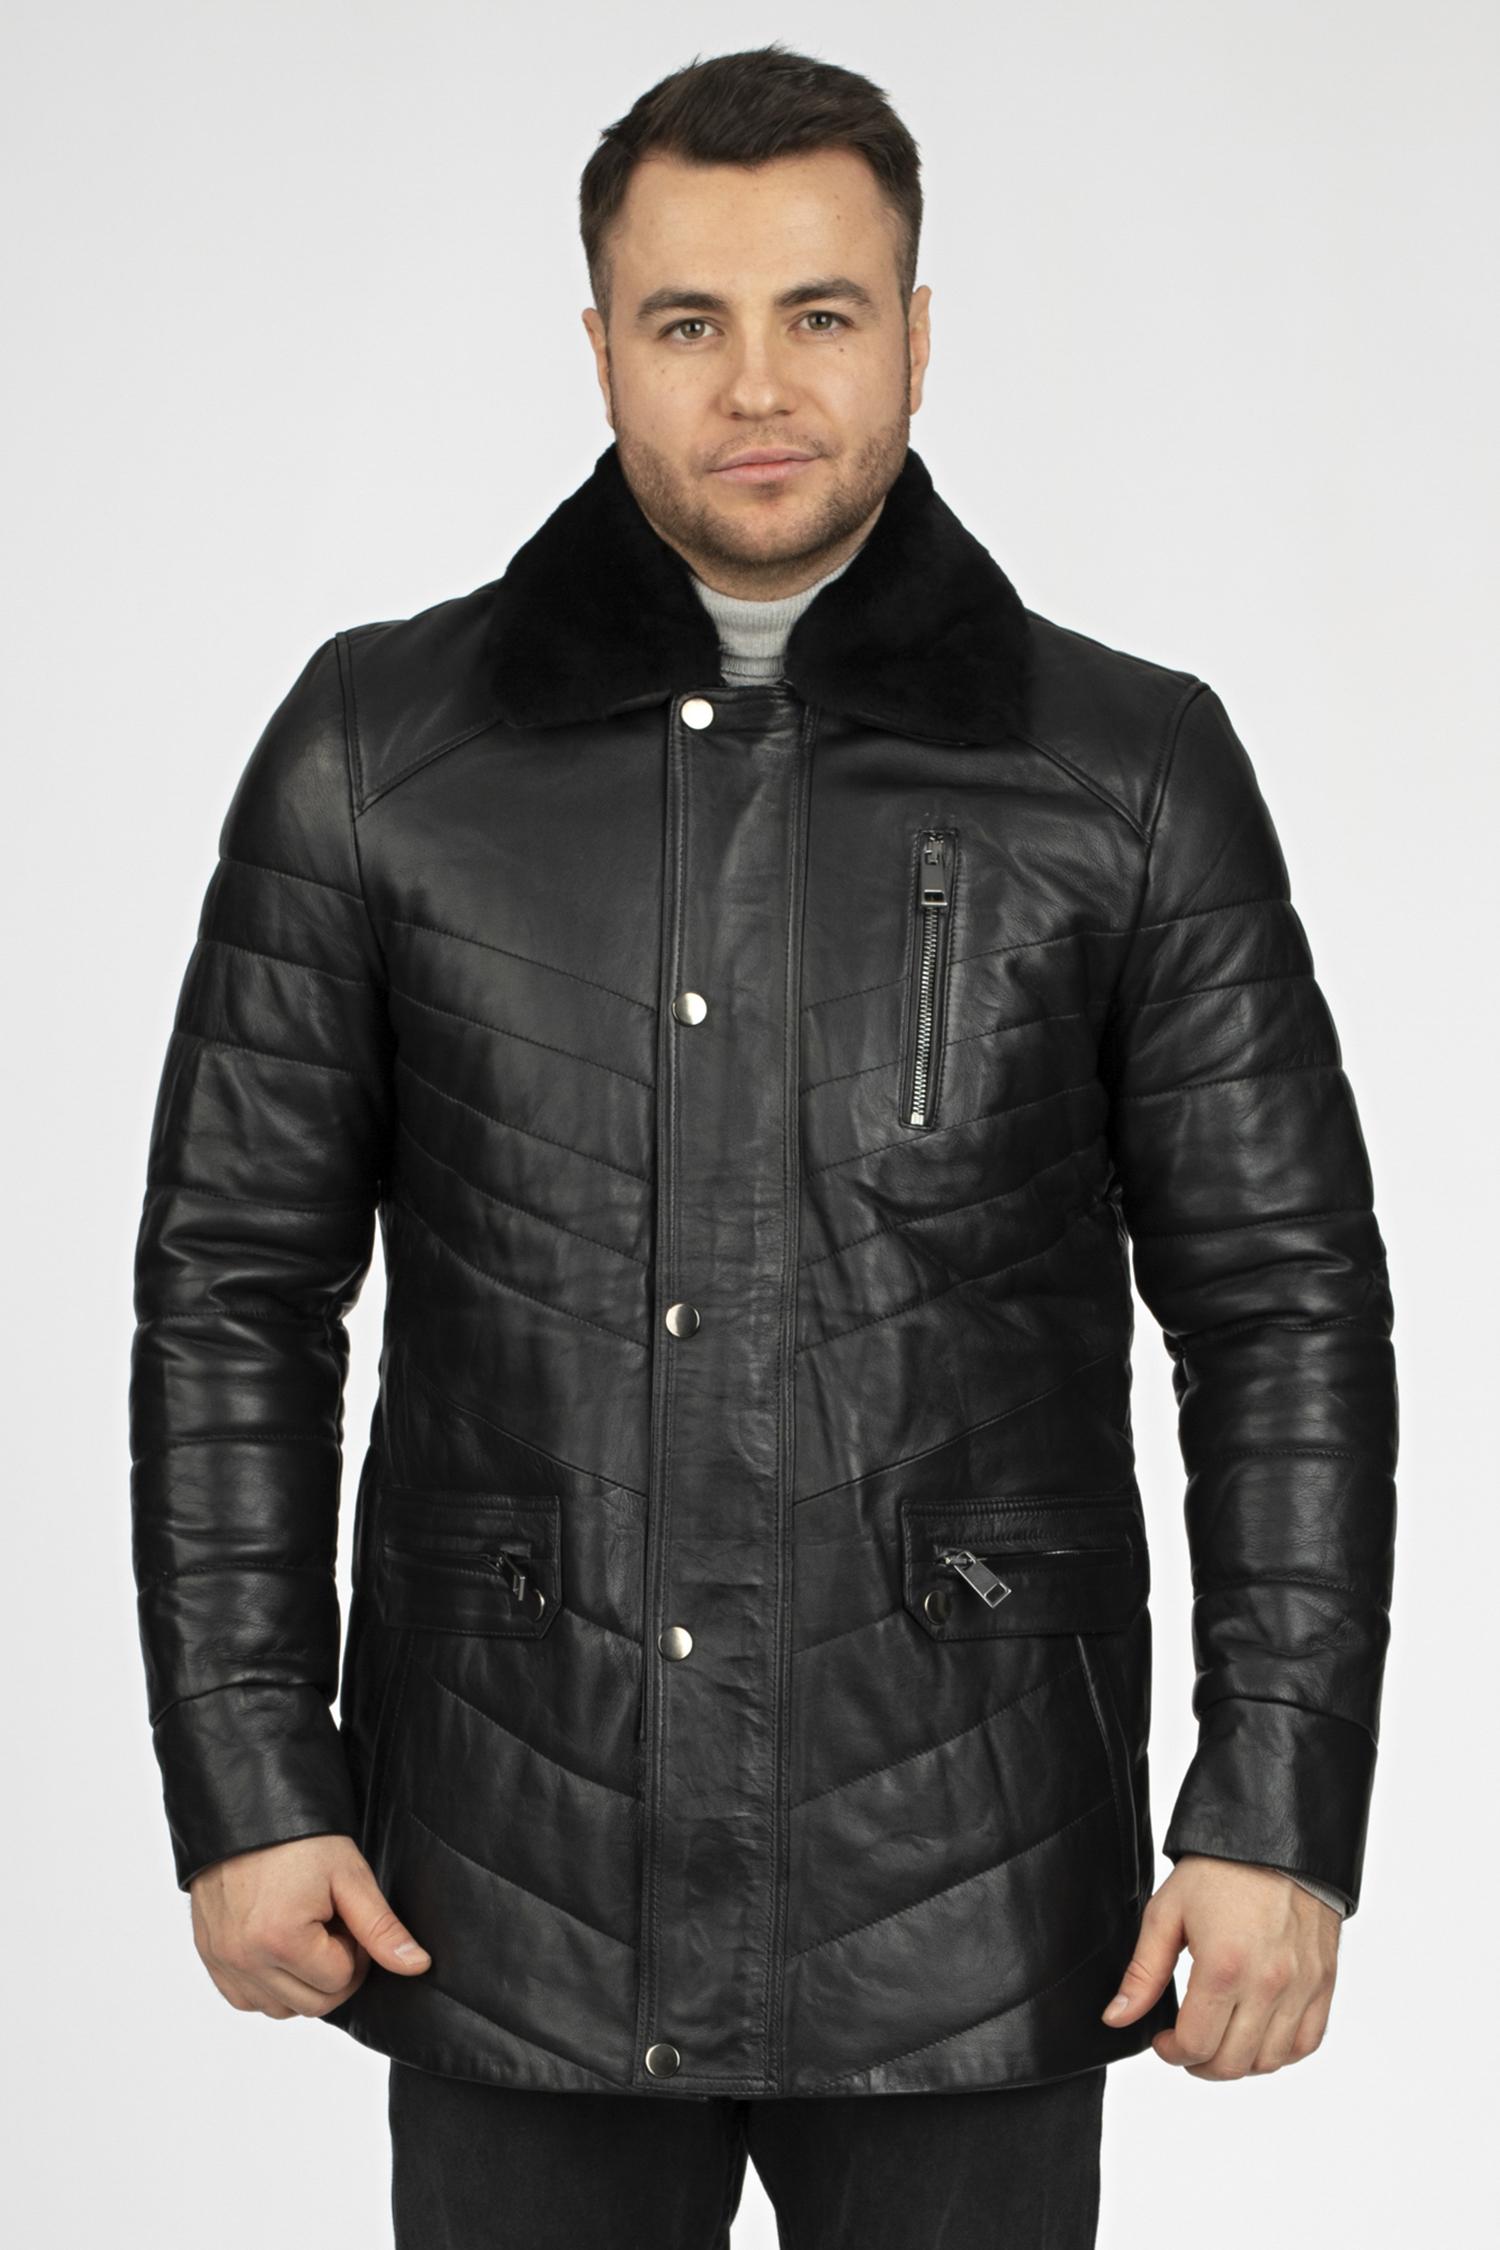 Купить со скидкой Мужская кожаная куртка из натуральной кожи с воротником, отделка овчина